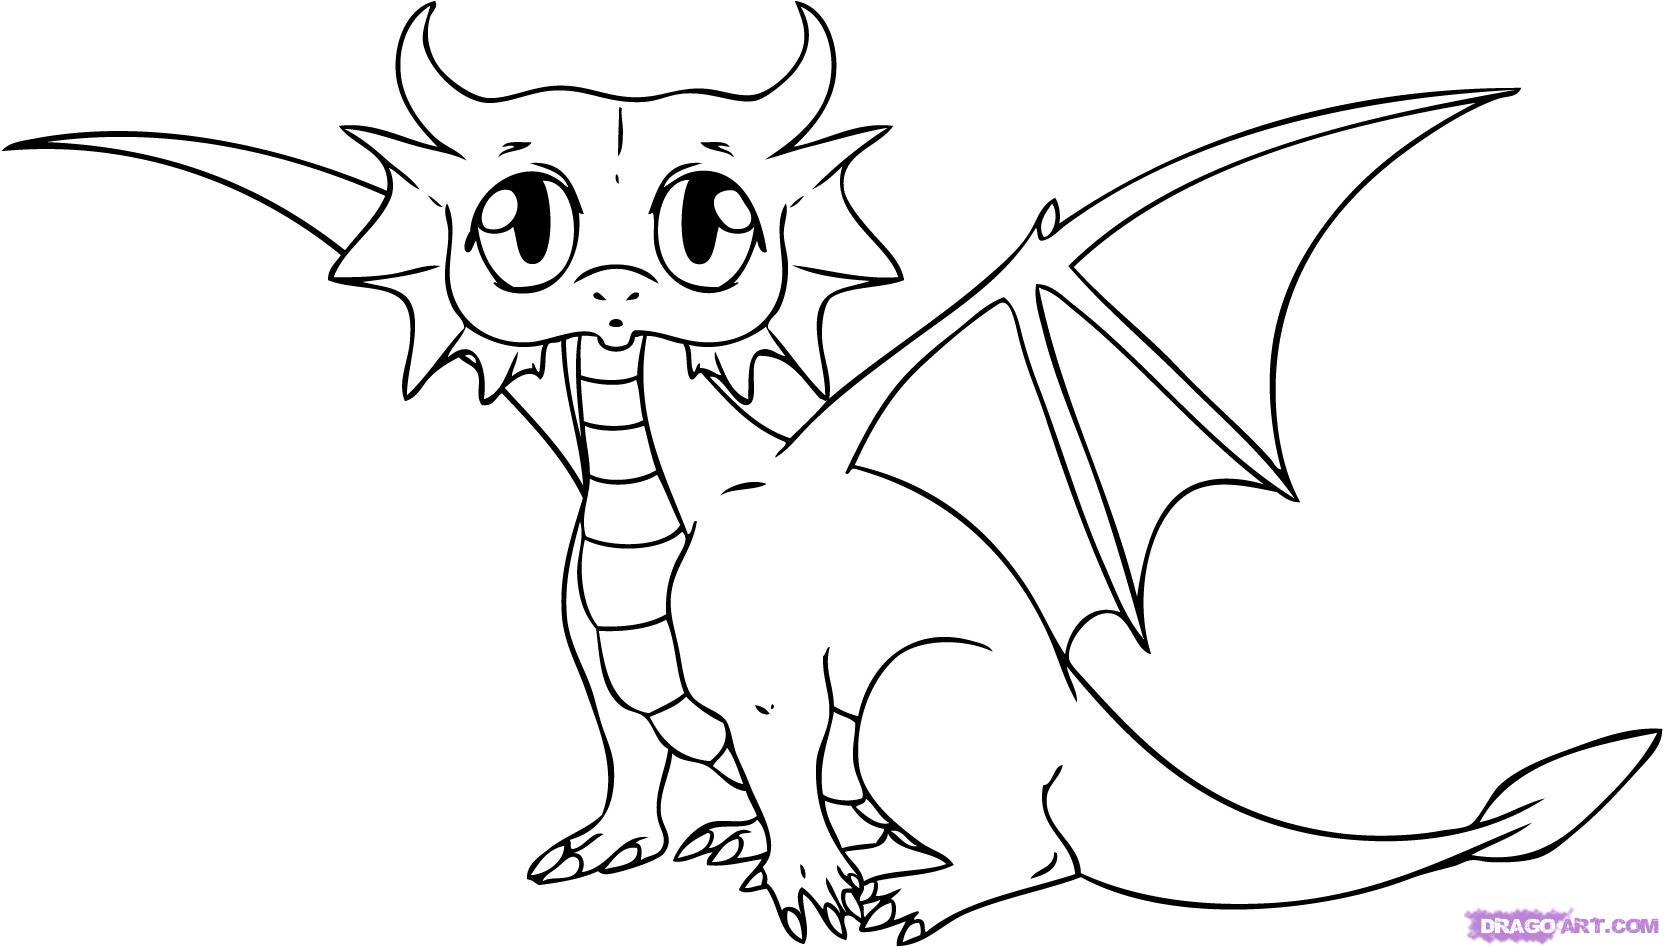 1664x948 Cute Dragon Drawings